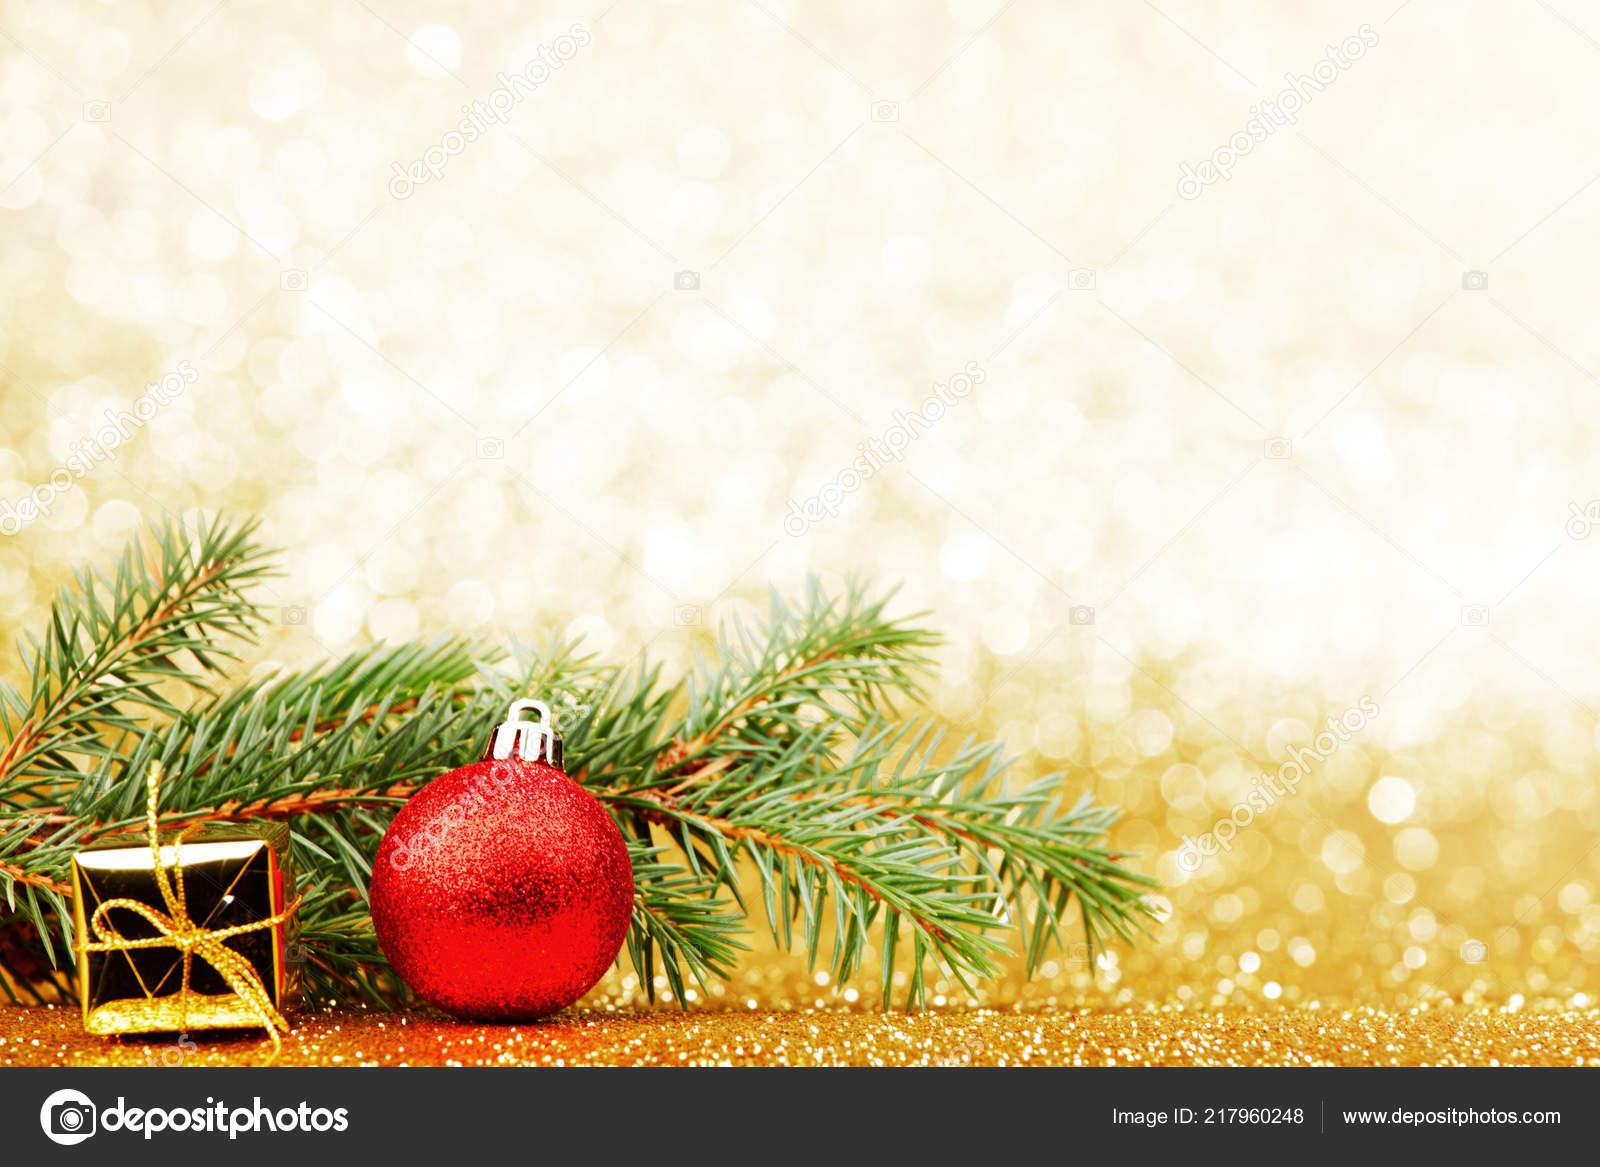 Tarjetas De Navidad Para Descargarimágenes Para Descargar: Tarjeta Navidad Con Rama Abeto Decoraciones Sobre Fondo